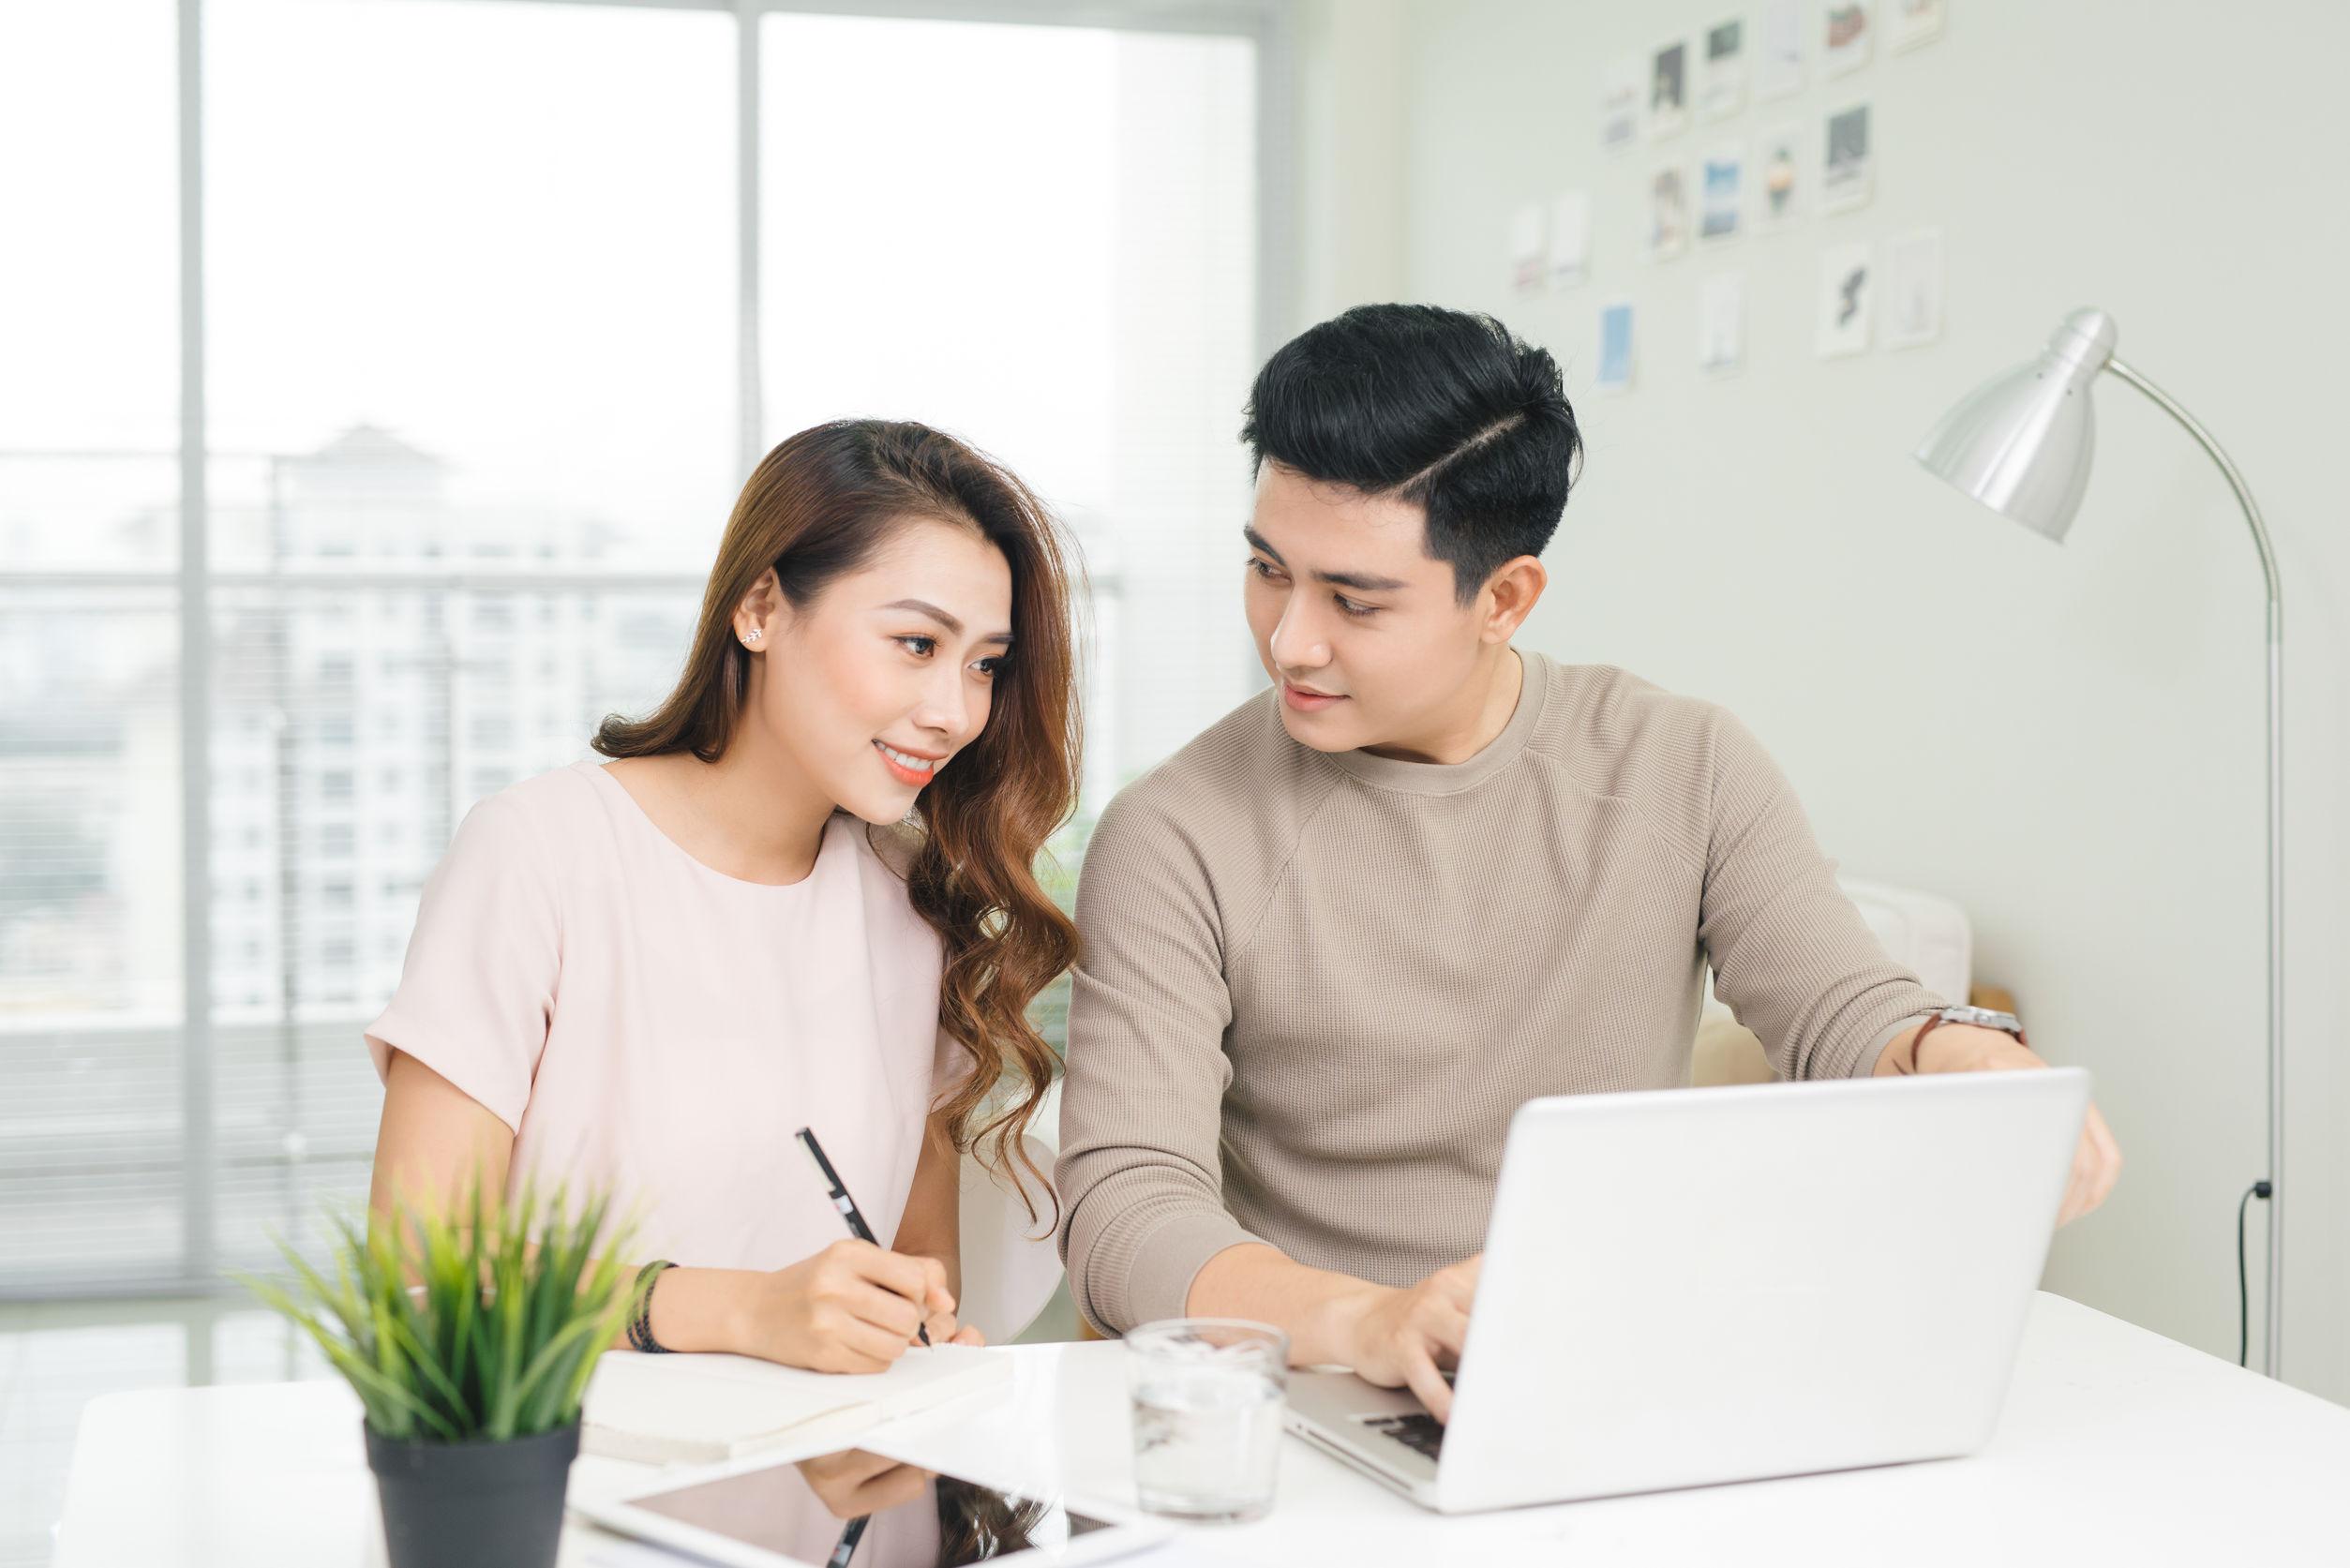 Rumah.Com Property Index Indonesia Q1 2020